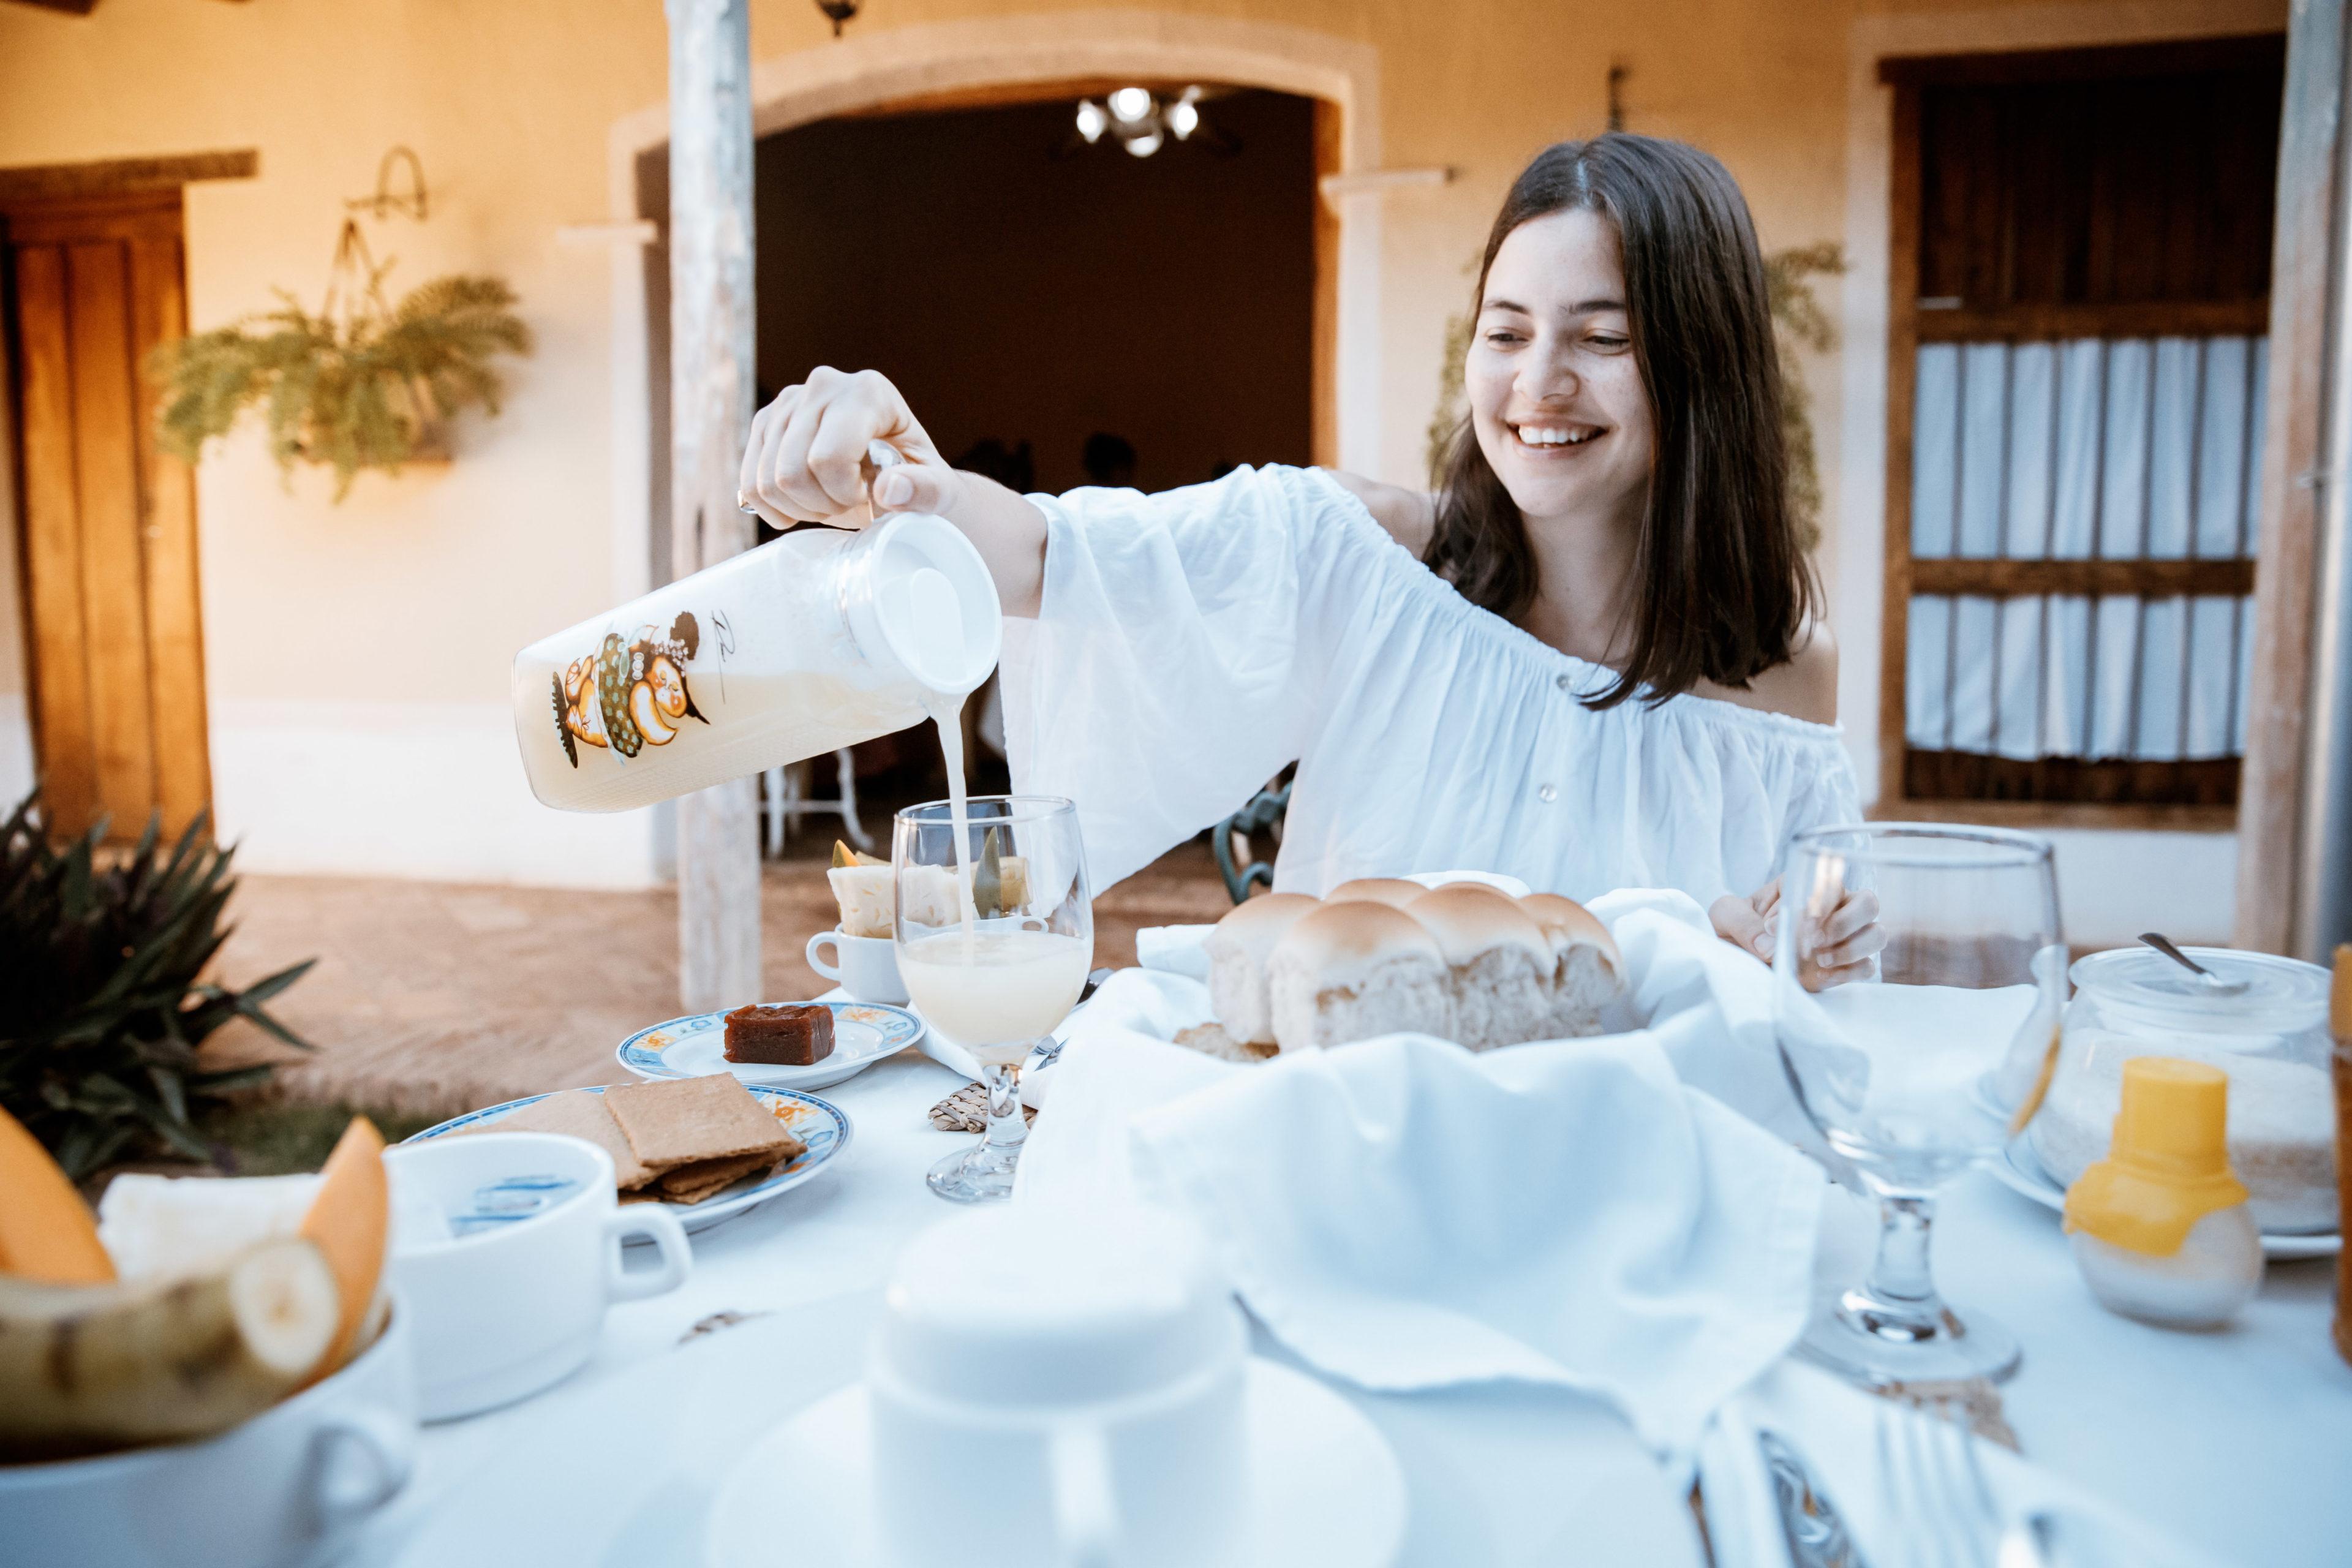 Reisende Frühstückt in der Casa Particular in Kuba